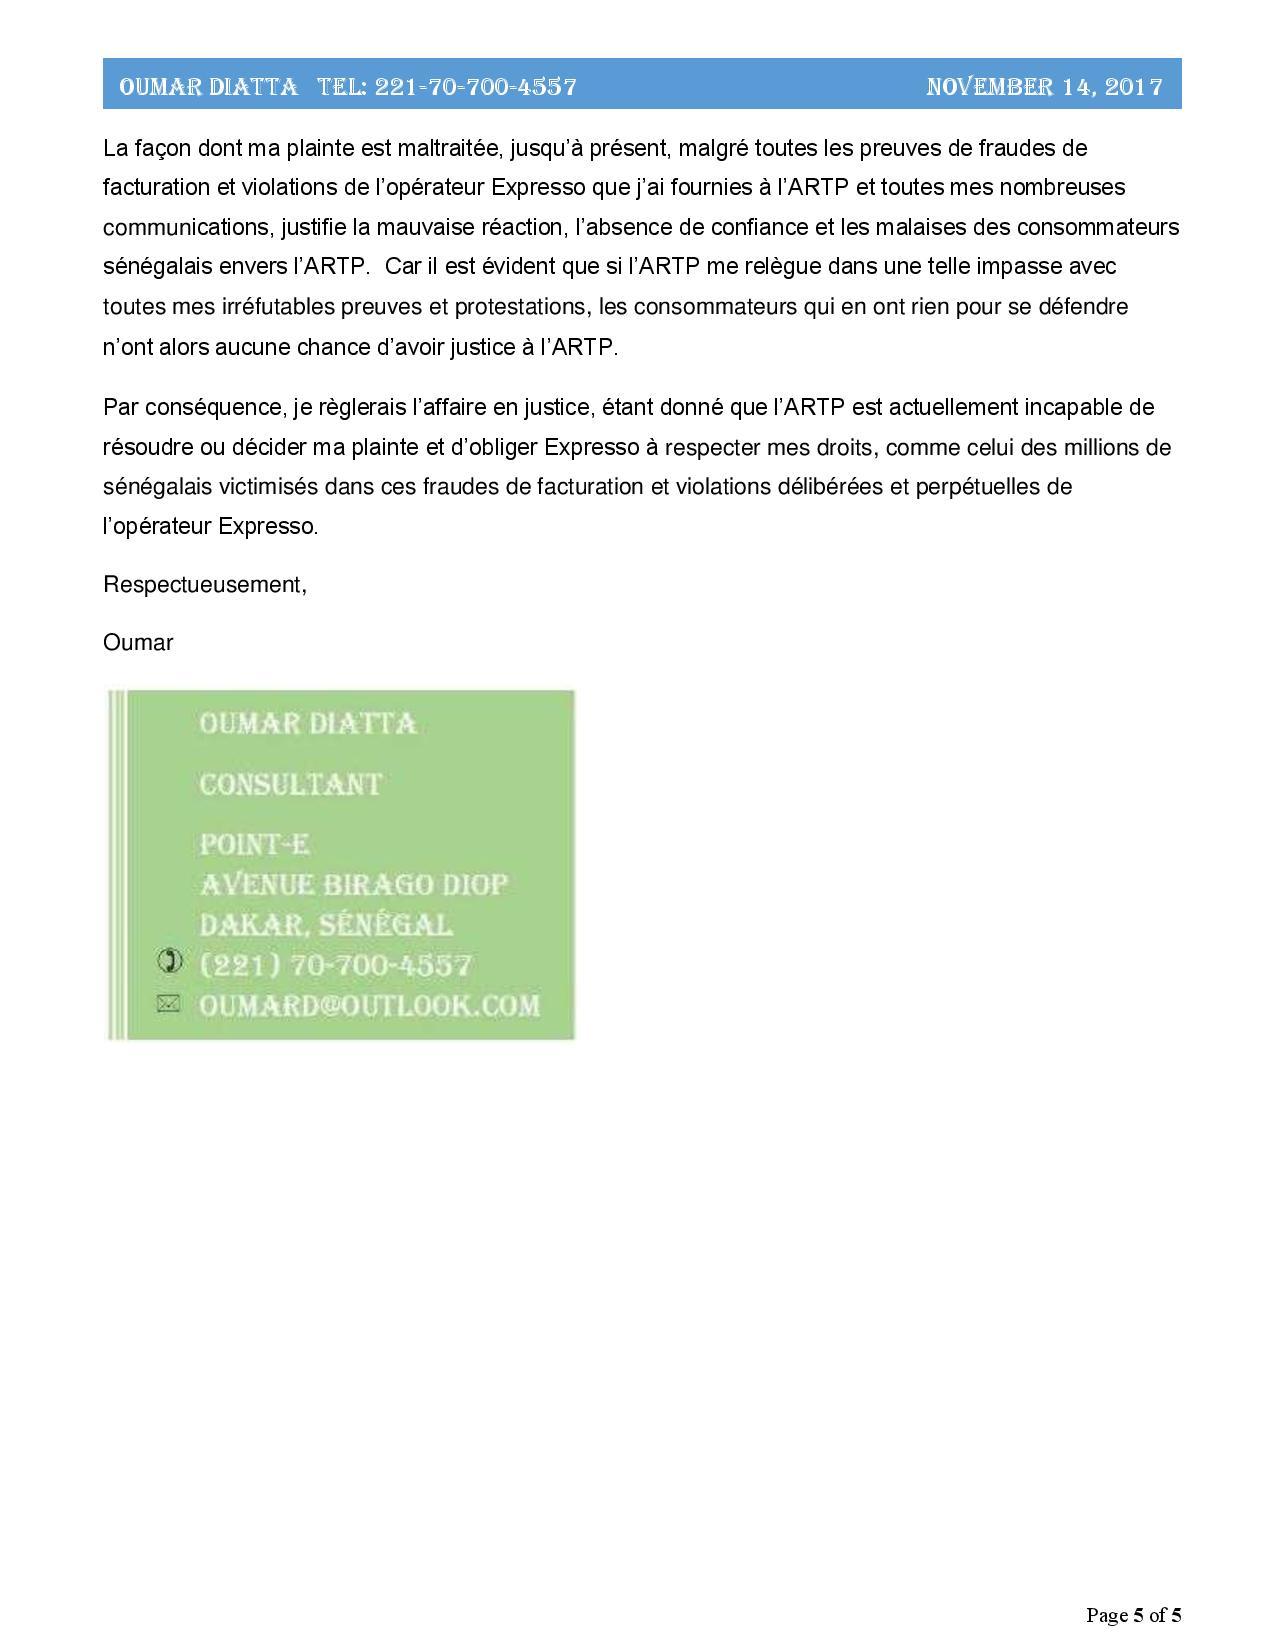 L'Artp a-t-elle des raisons de protéger l'opérateur Expresso ? ( Partie II)